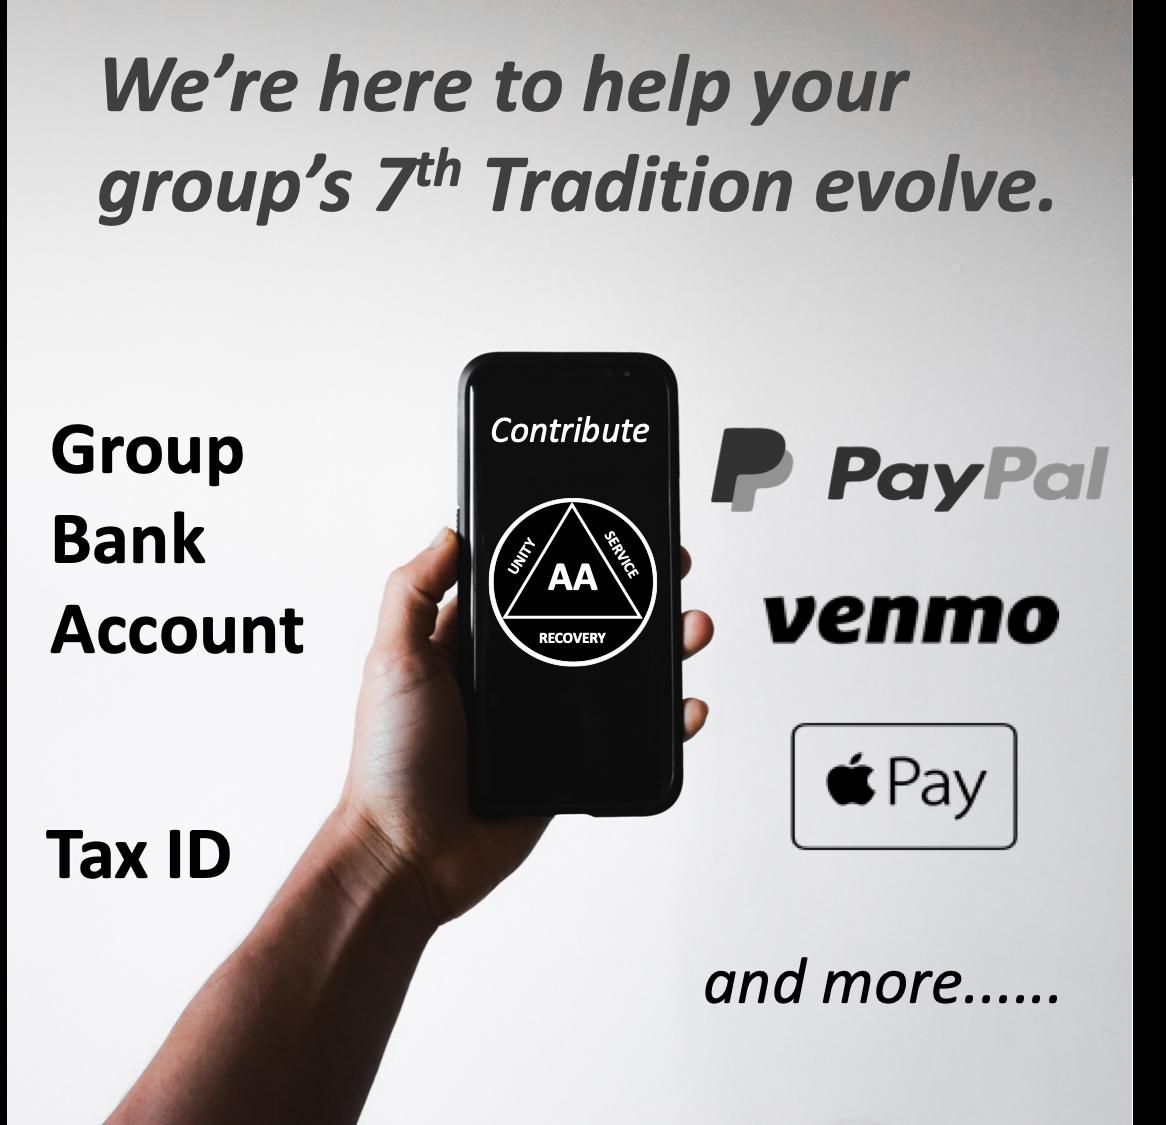 Digital 7th tradition v2